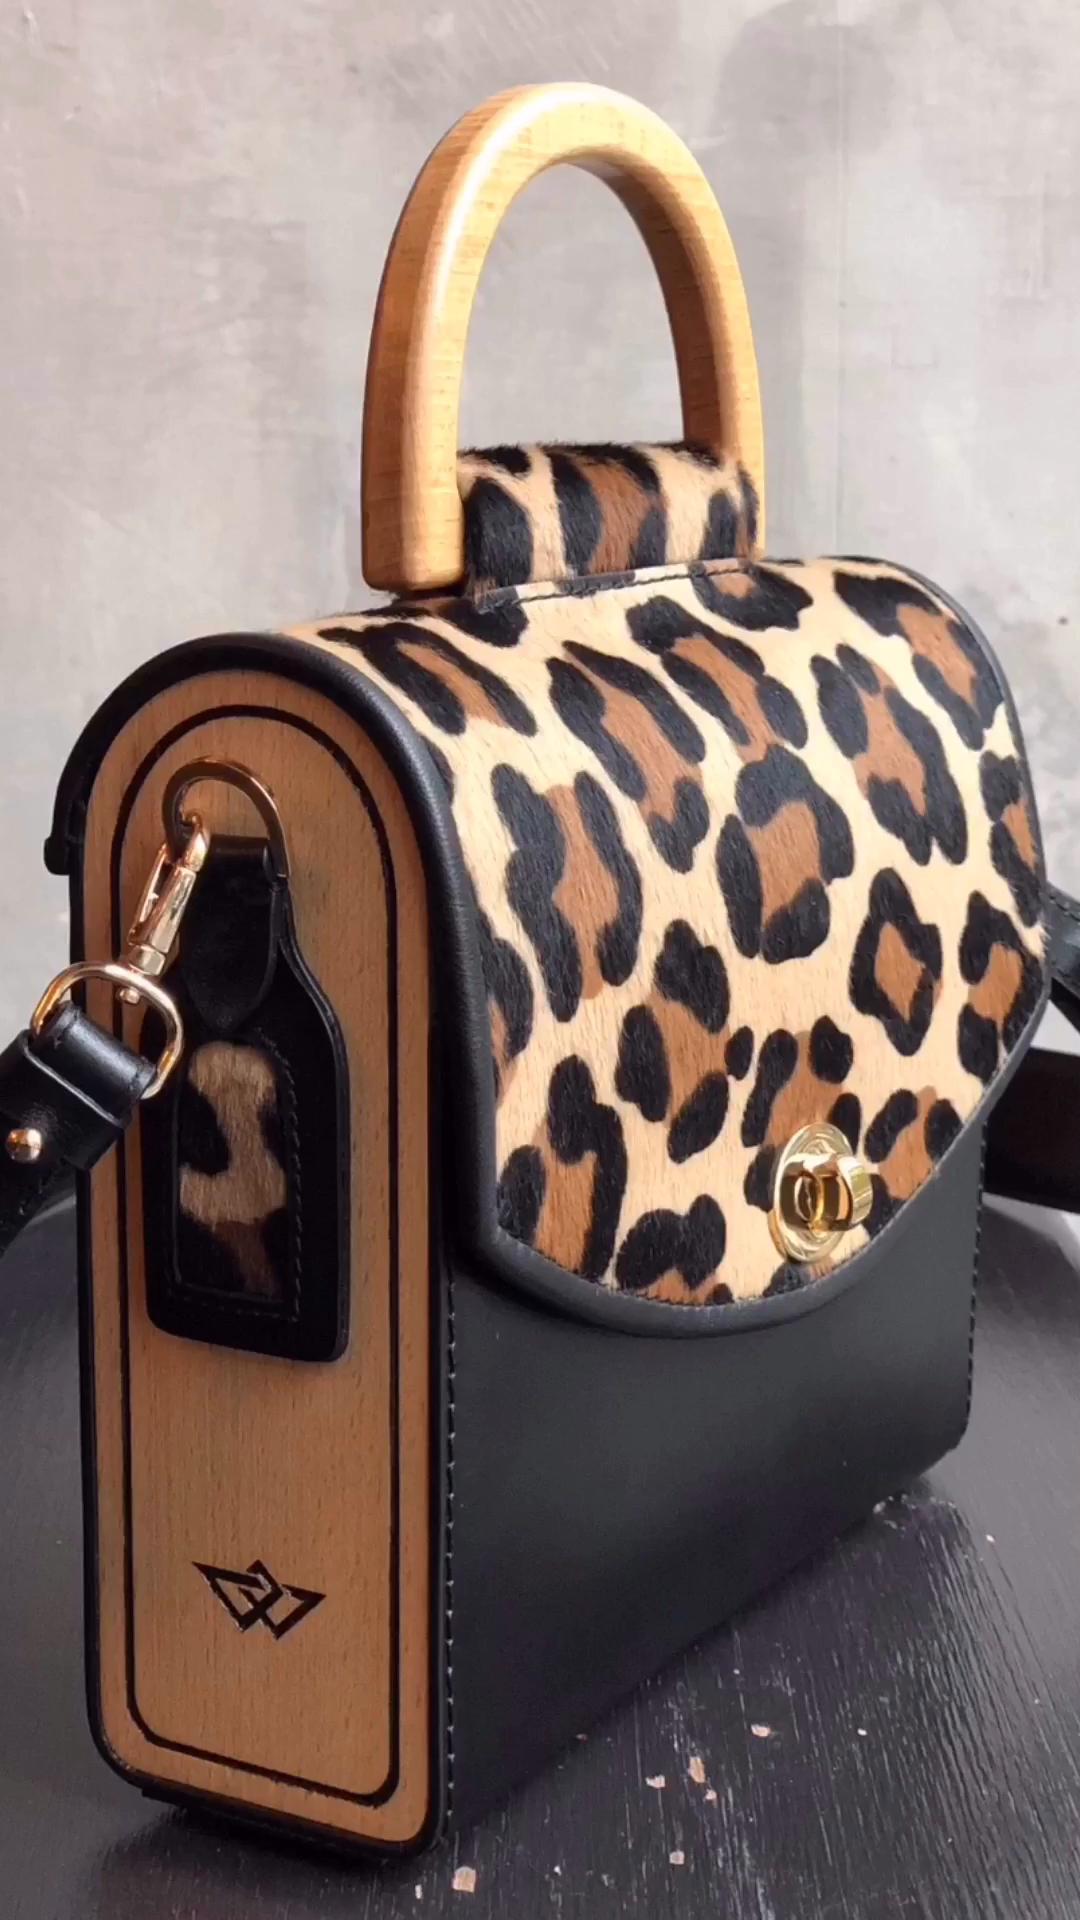 ac5ad3a4195c 2019 年の「「バック」おしゃれまとめの人気アイデア|Pinterest |バーバラ」 | レザーバッグ、カバン、バッグ